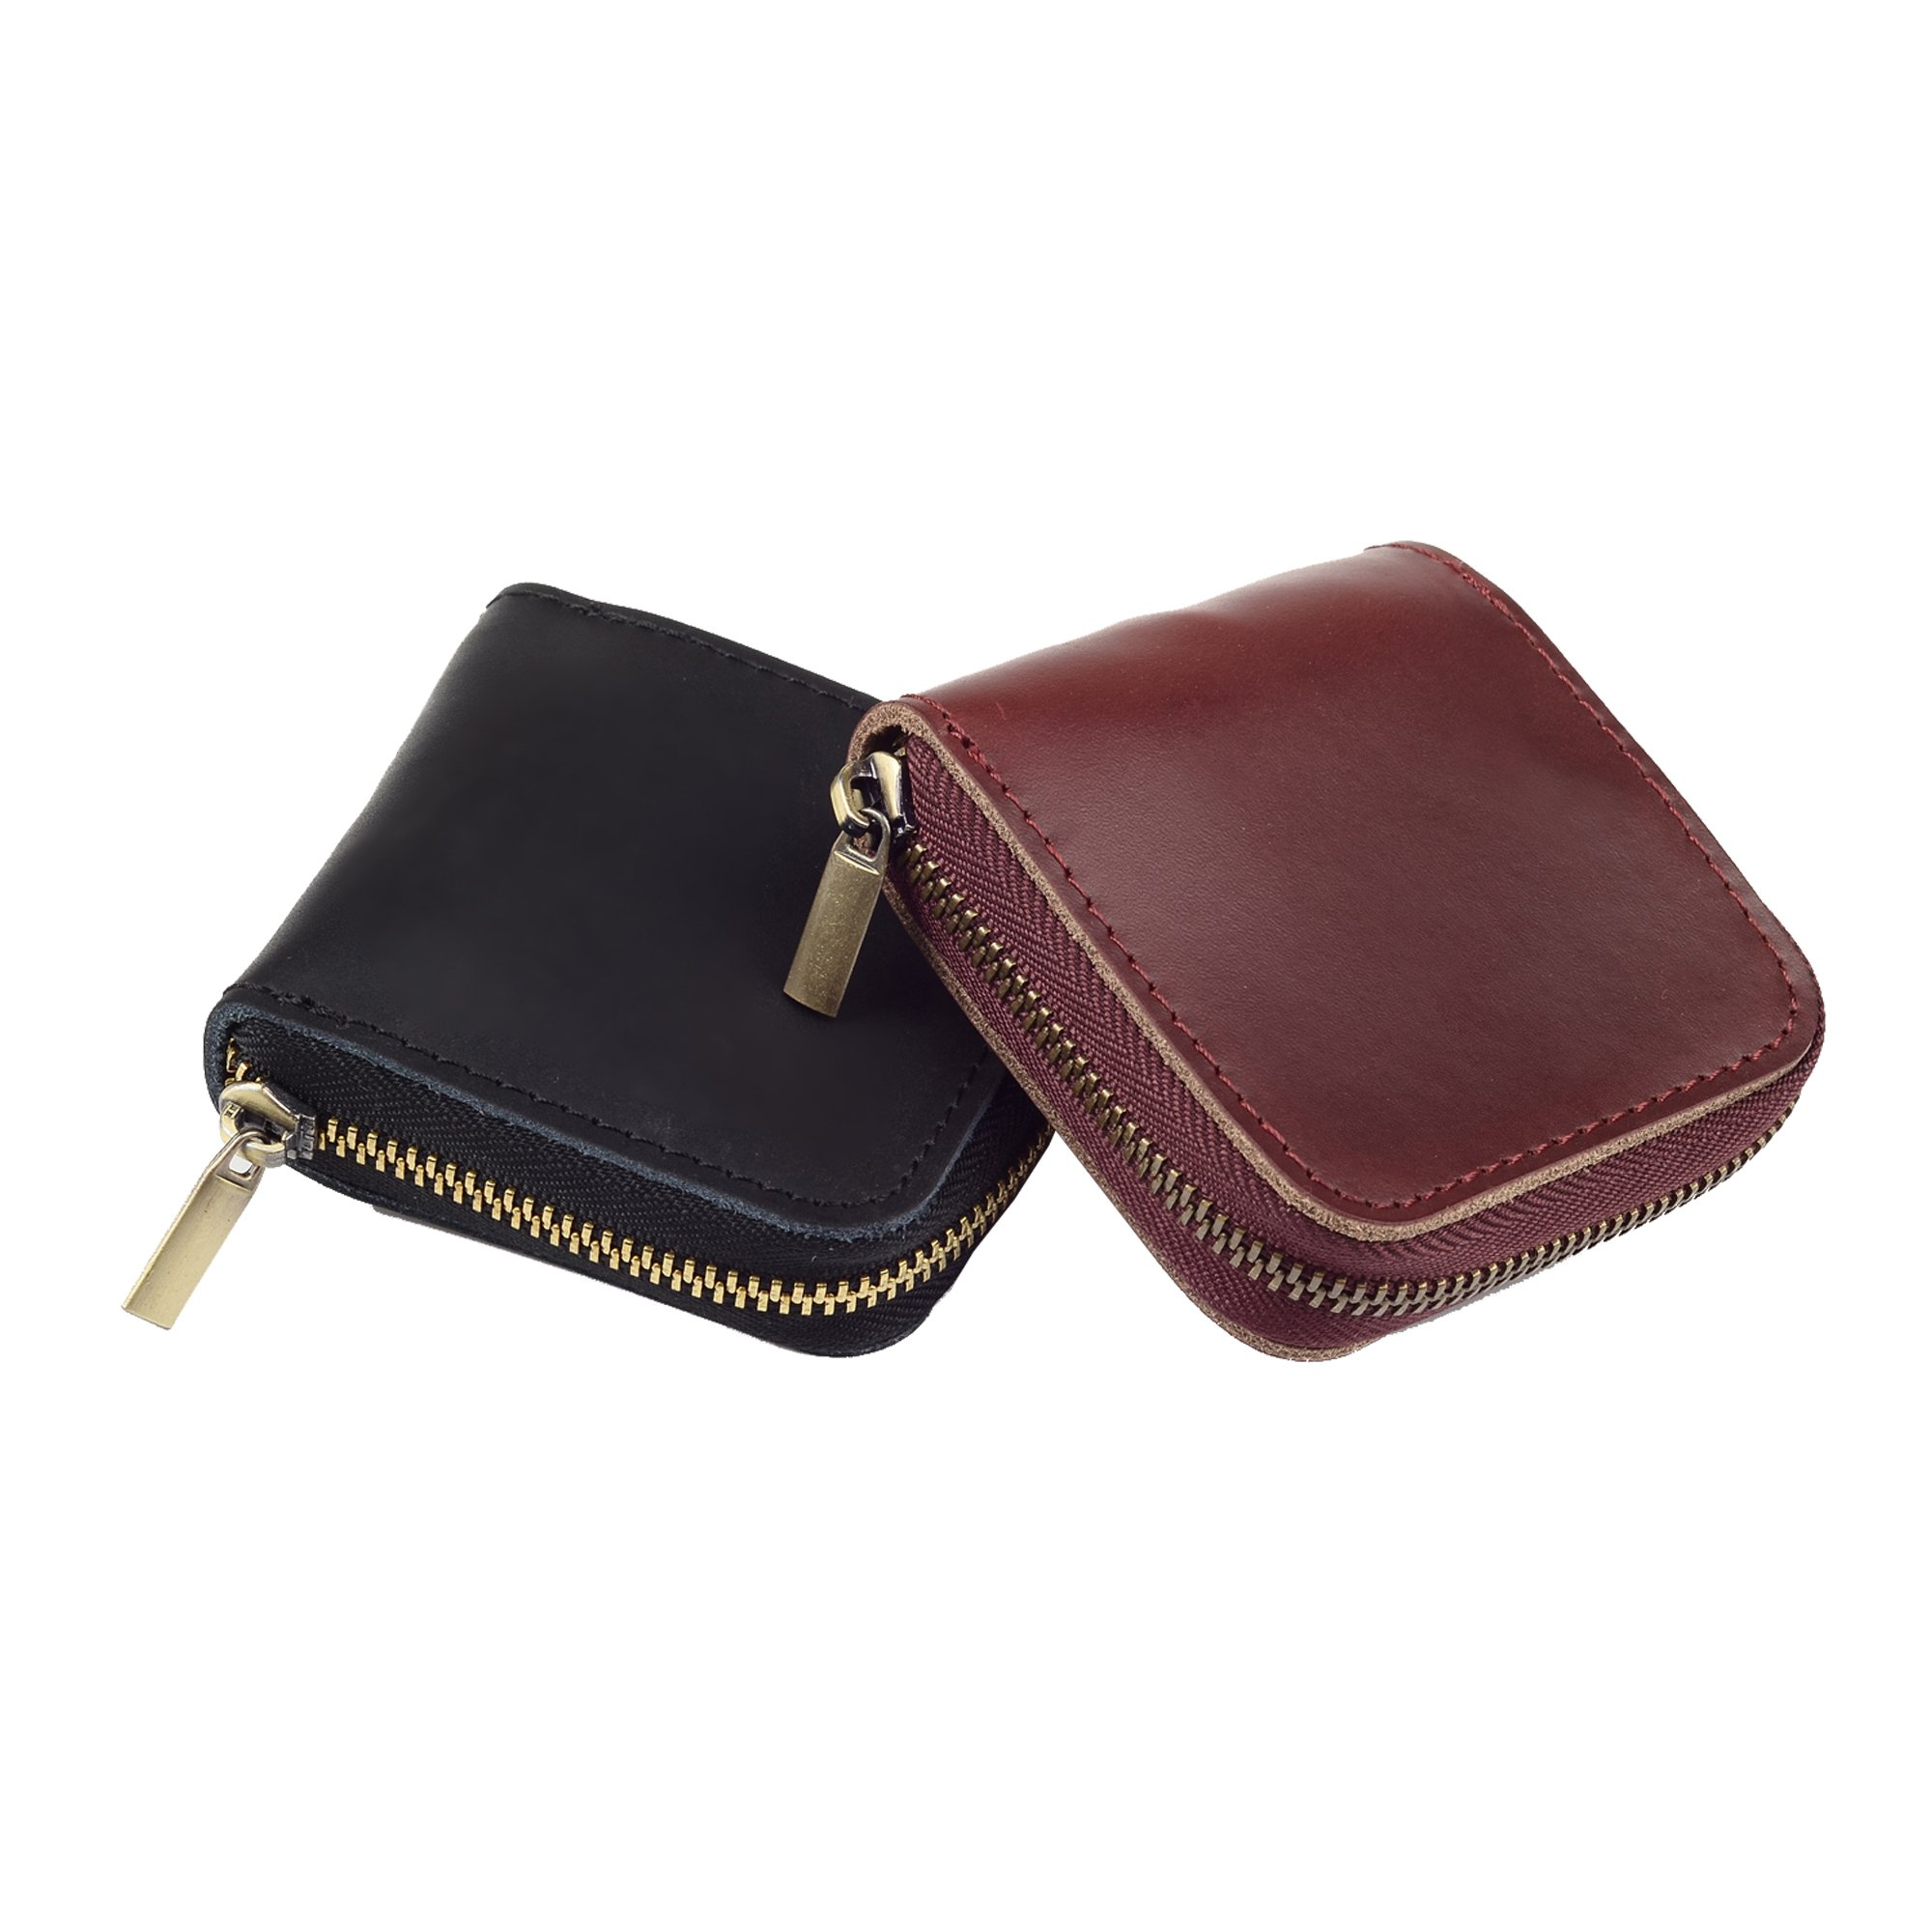 Leather Condom Case Condom Holder Small Zipper Bag